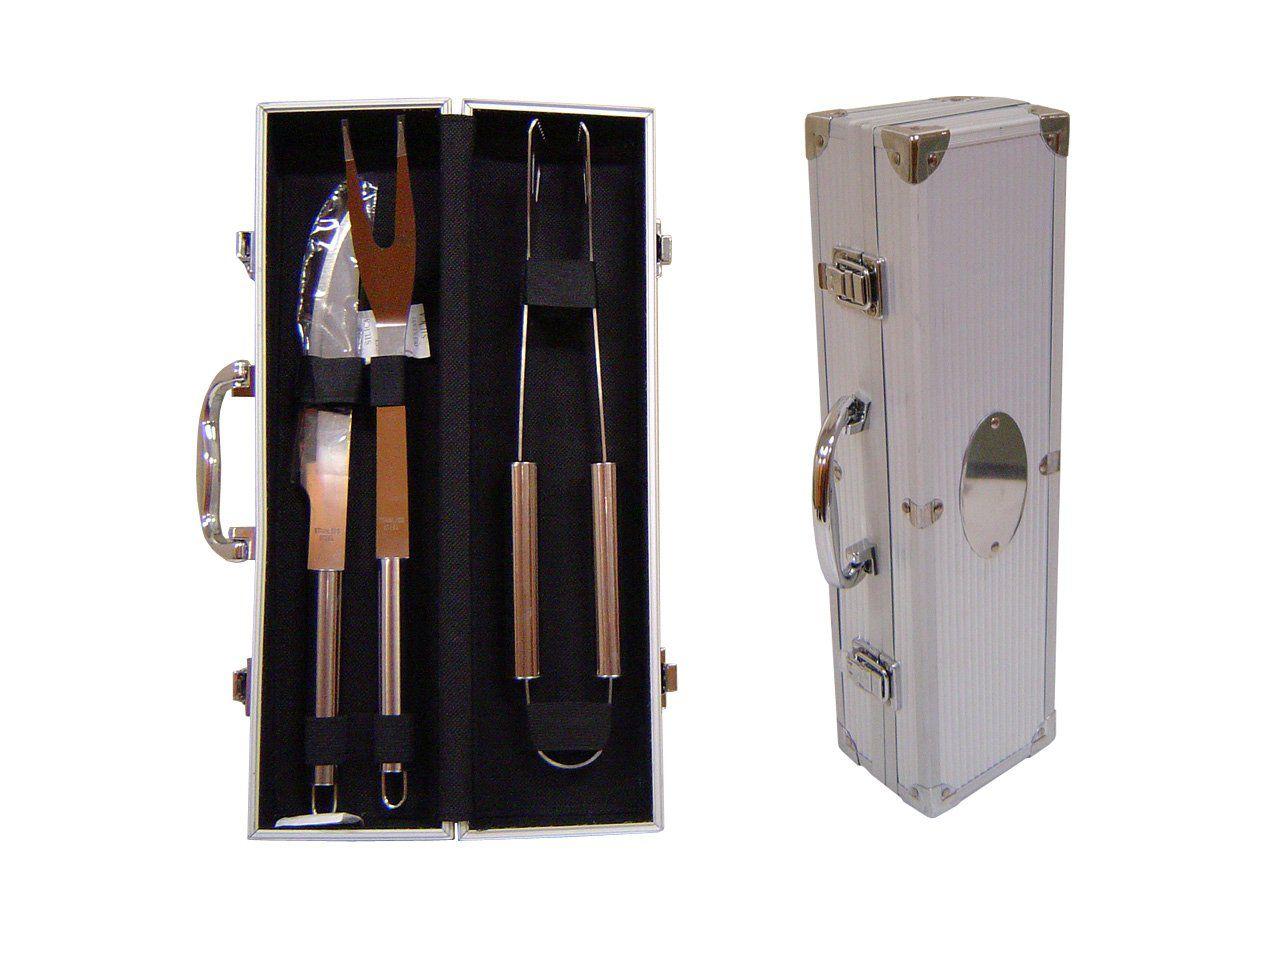 Kit churrasco 3 peças de aço inox com maleta de metal Pontual - P141889